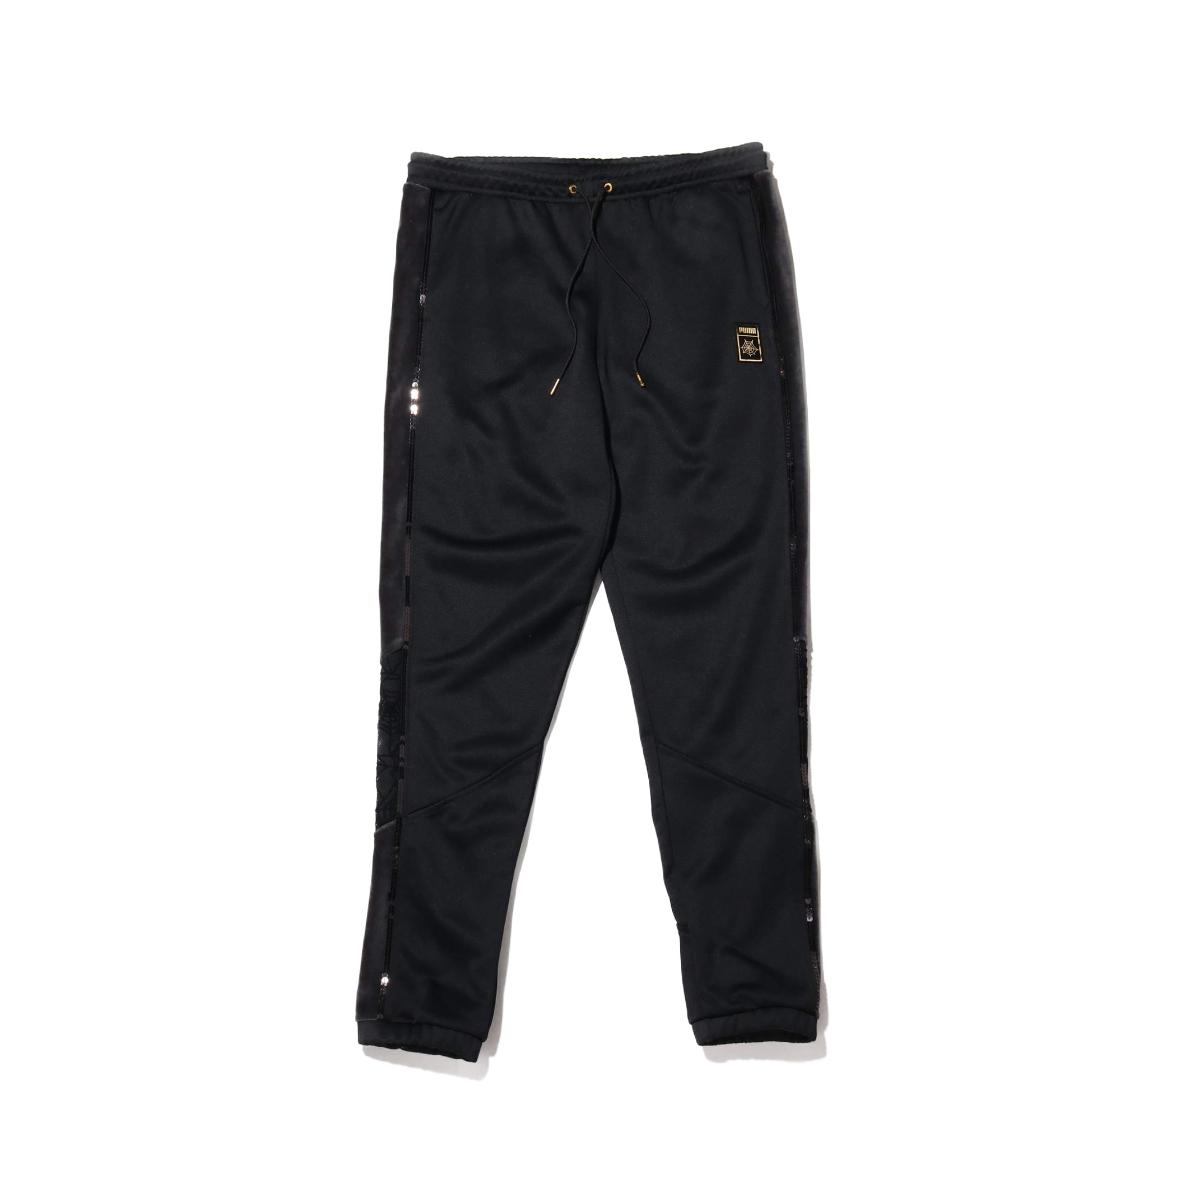 PUMA x CO TFS Track Pants(PUMA BLACK)(プーマ X CO TFS トラックパンツ)【レディース】【ロングパンツ】【20SP-I】